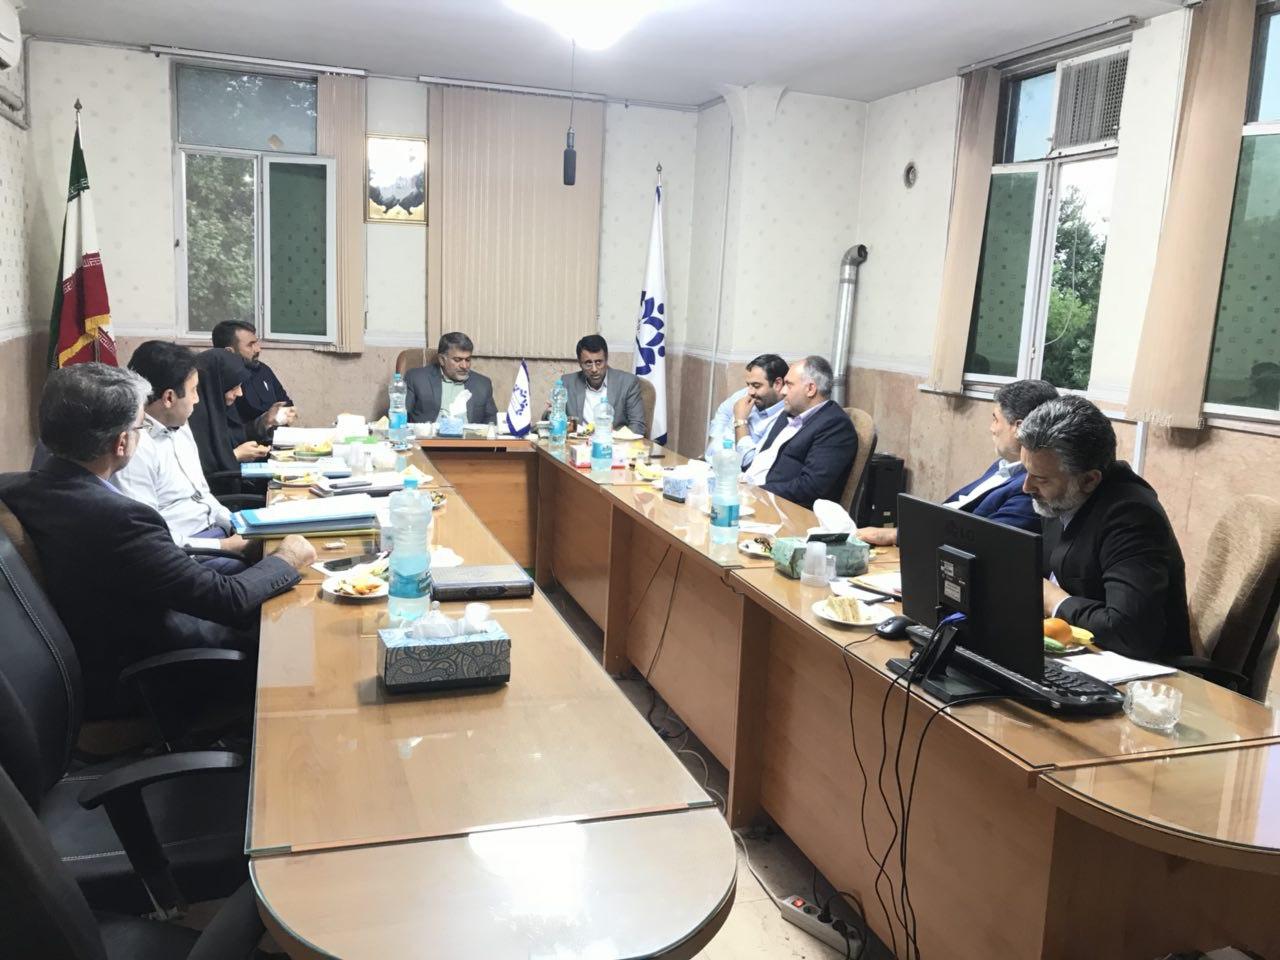 اولین جلسه رسمی شورای اسلامی شهر ورامین در سال هزارسیصد و نود و هفت